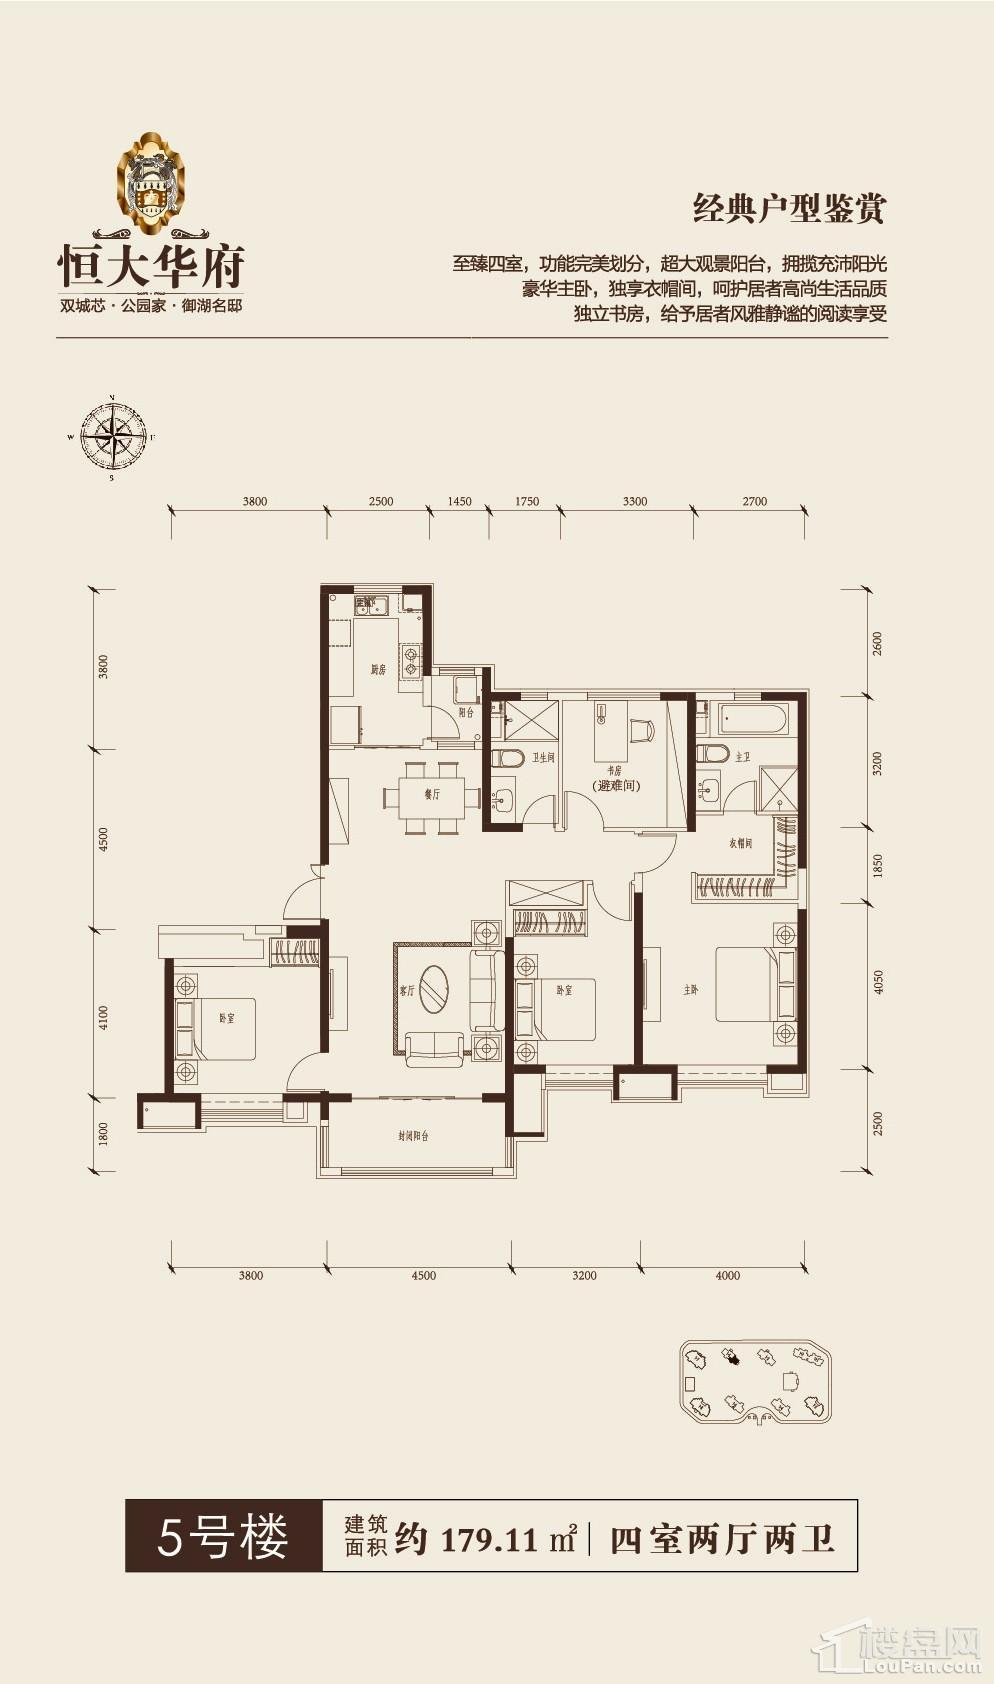 5号楼1号房A户型图